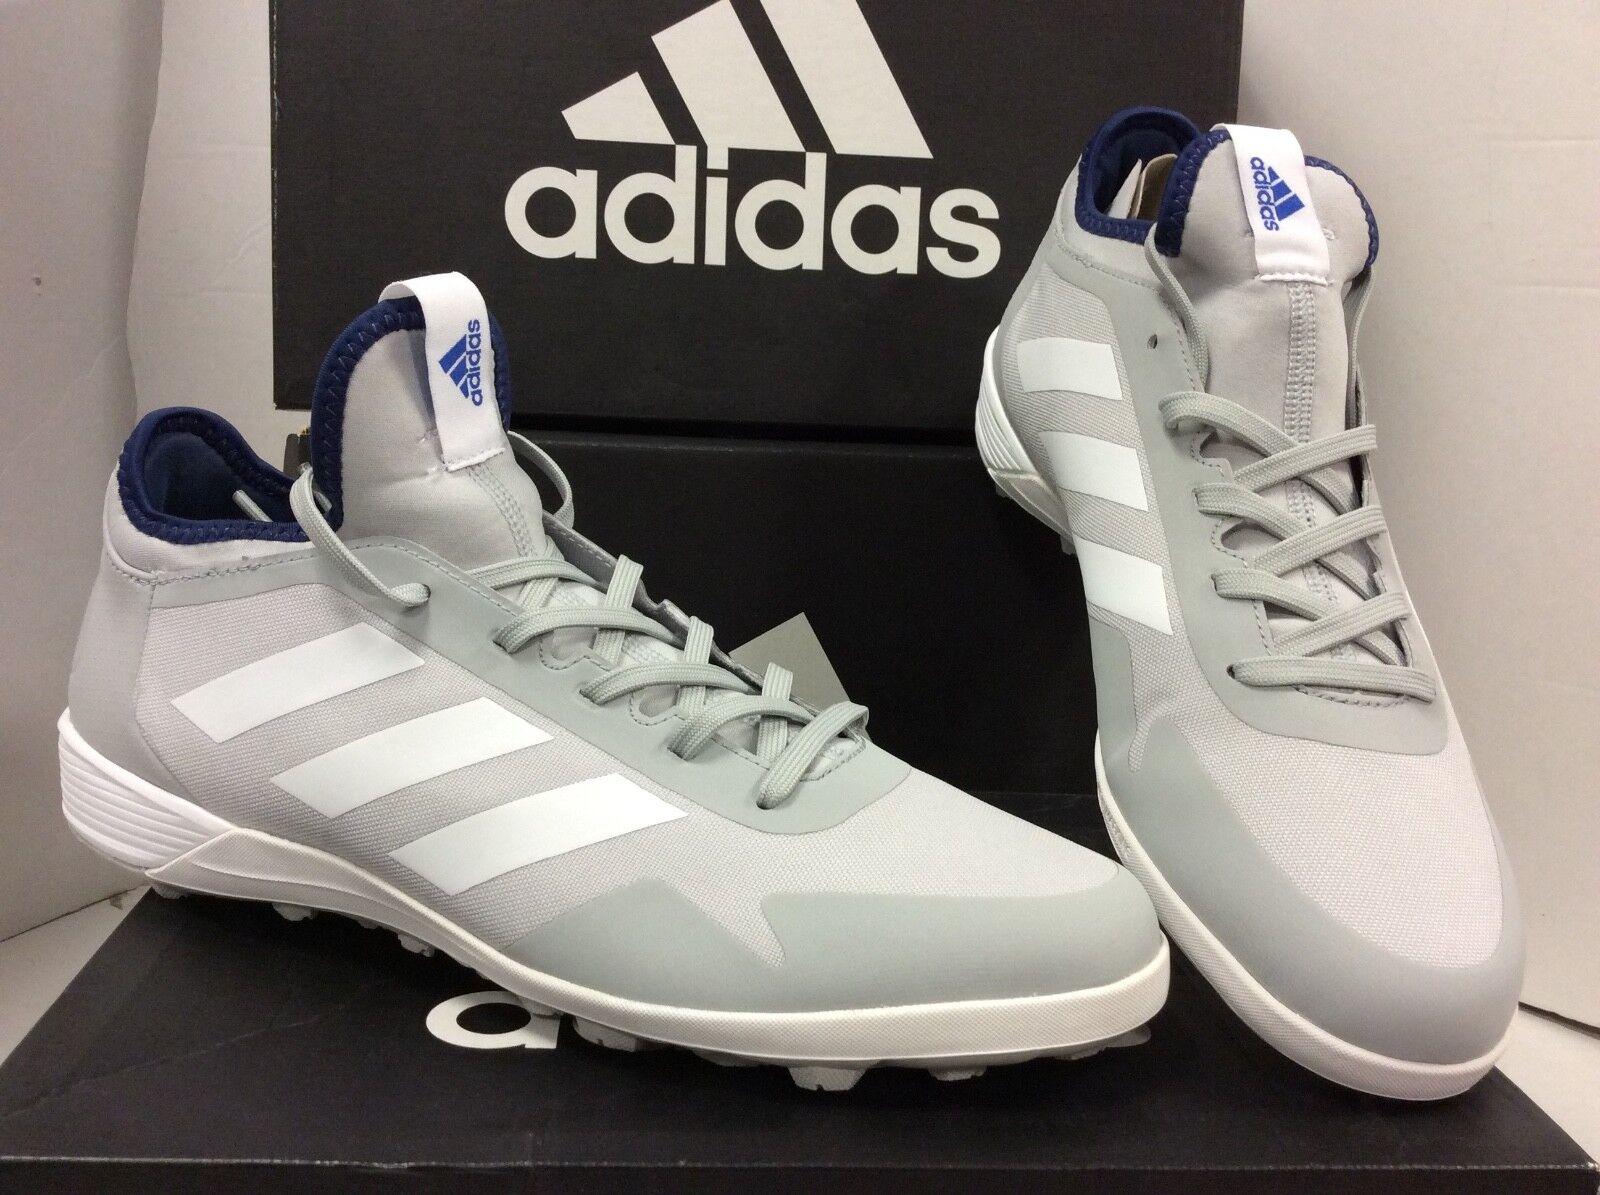 Adidas ACE Tango 17.2 TF Hombre Fútbol botas Zapatos, Talla  42.5 euros